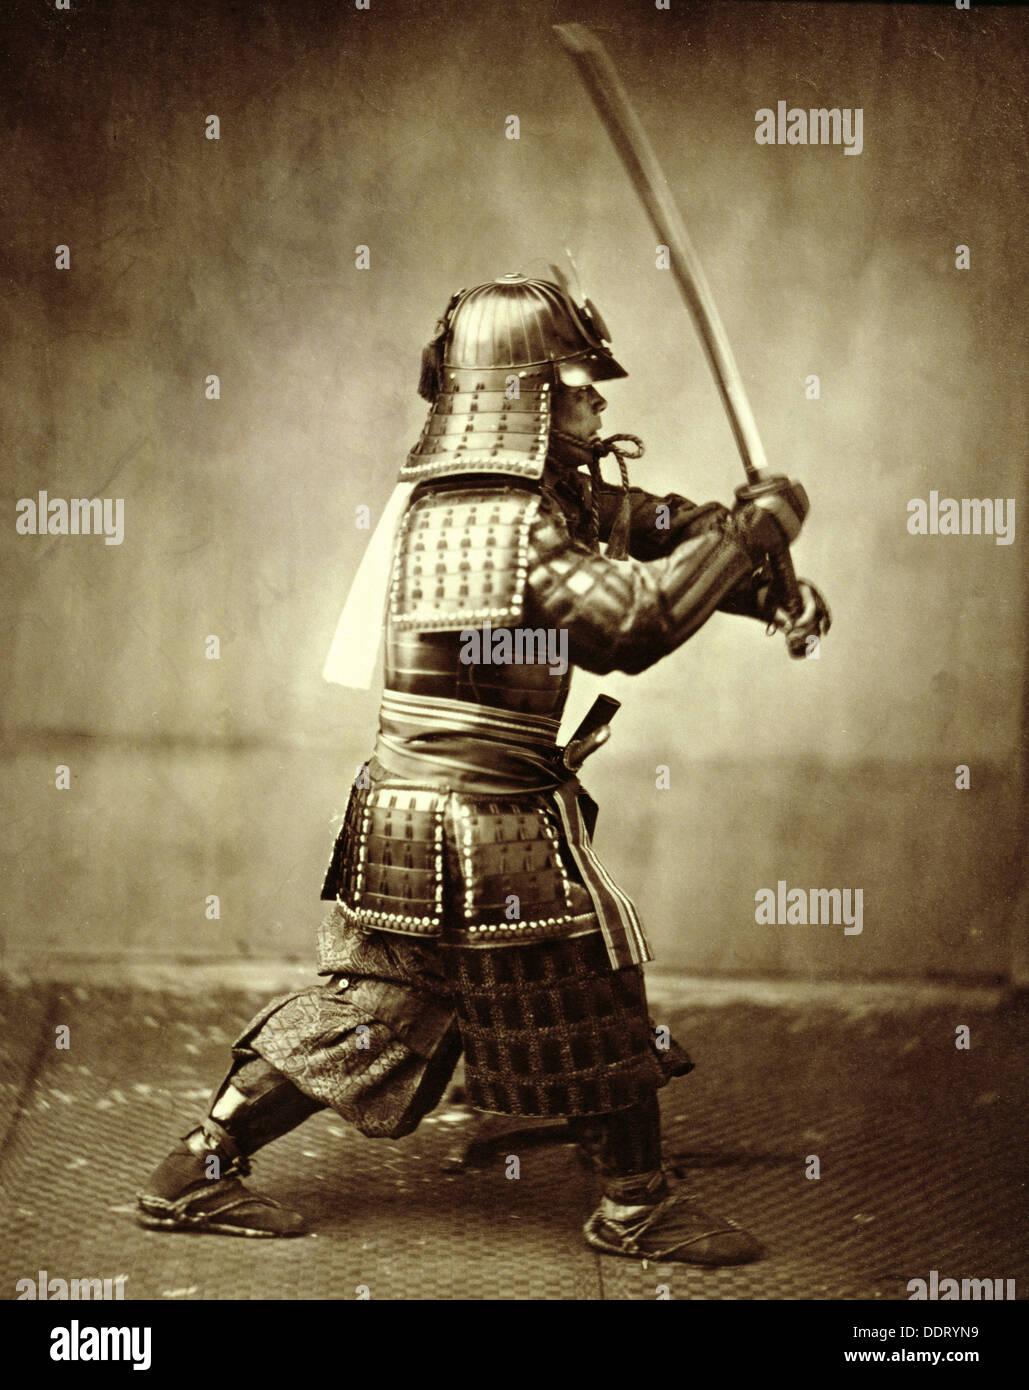 Samurai con spada alzata, c1860. Artista: Felice Beato Immagini Stock